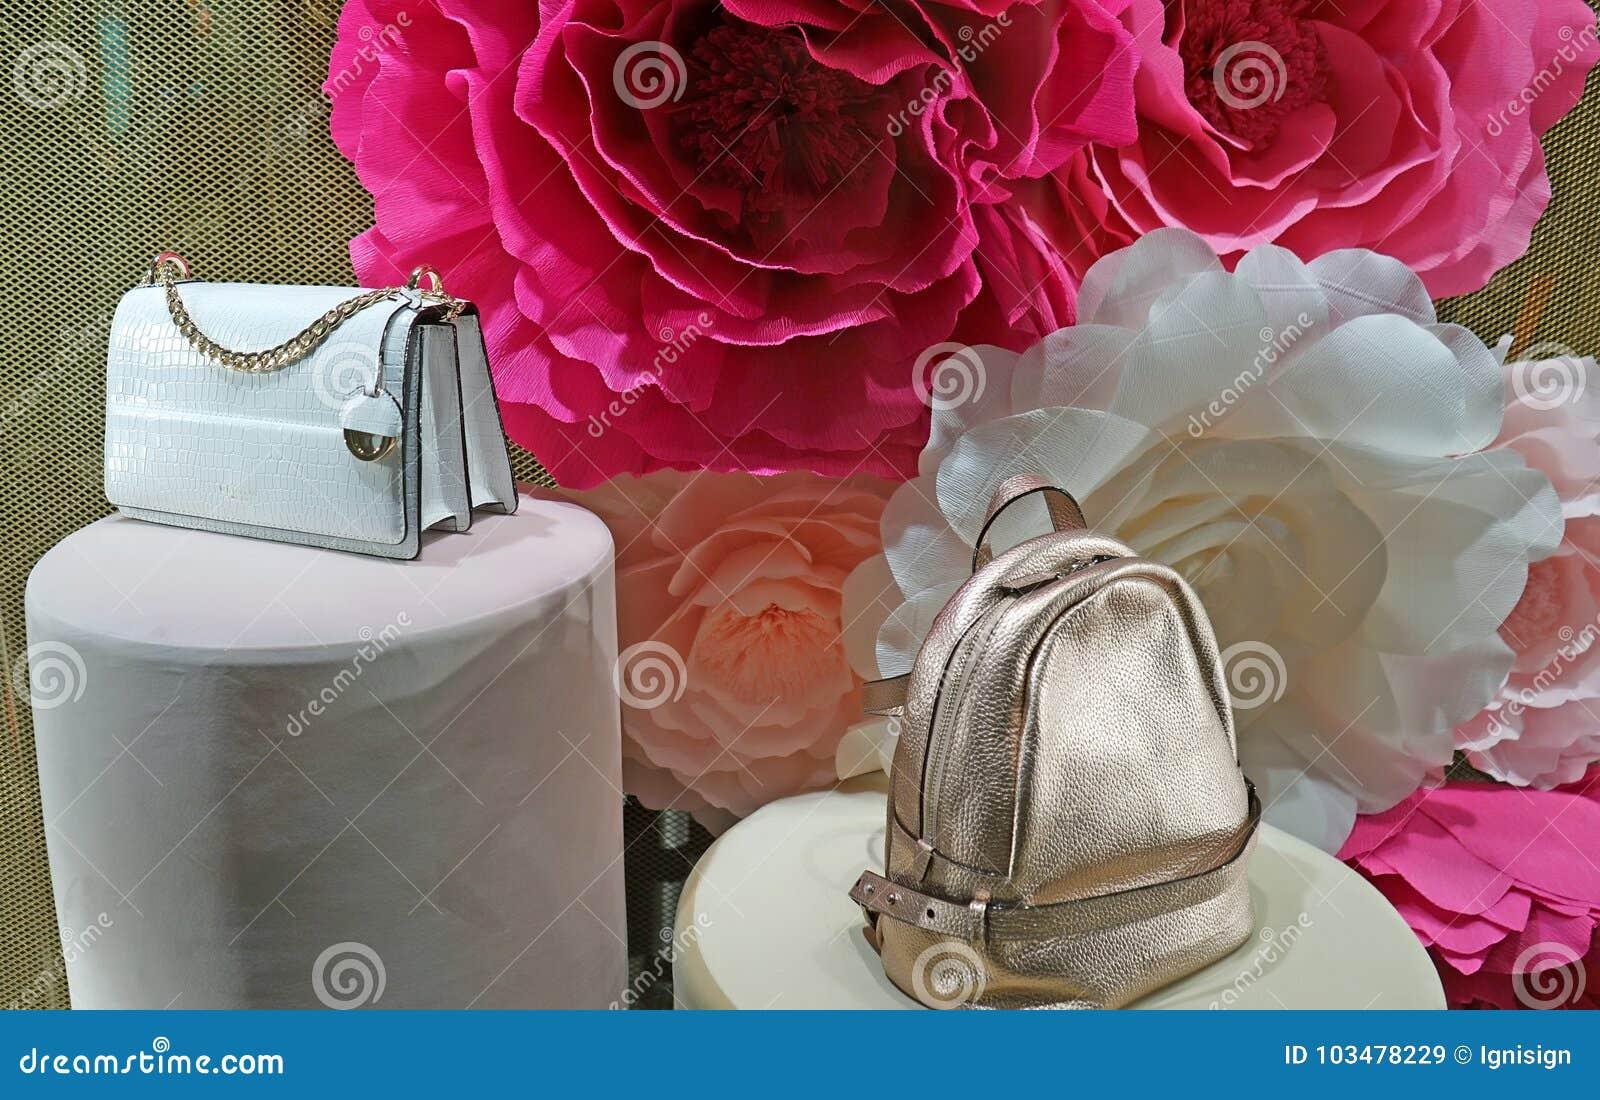 现代提包在玫瑰背景的一个商店窗口里  Oroton是澳大利亚人豪华时装配件公司